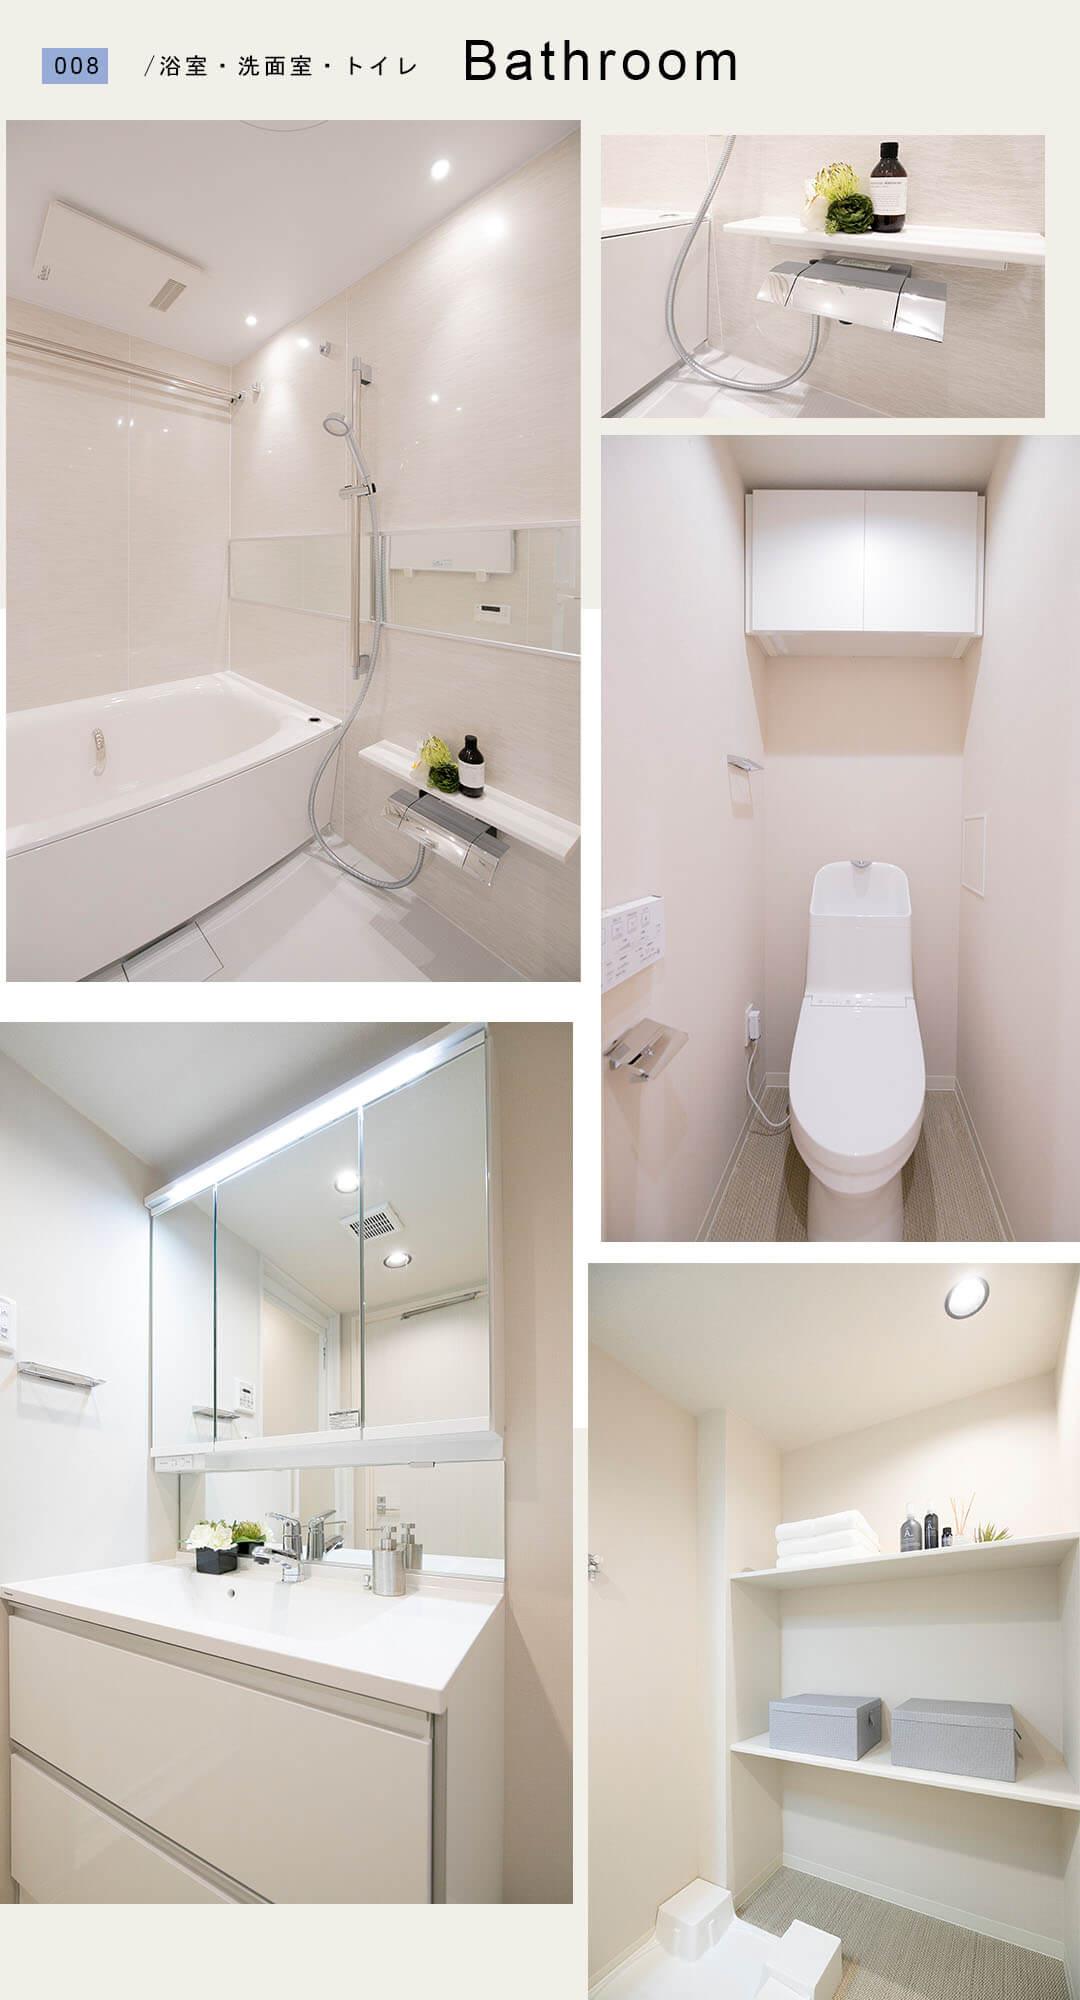 千石三丁目シティハウスの浴室と洗面室とトイレ